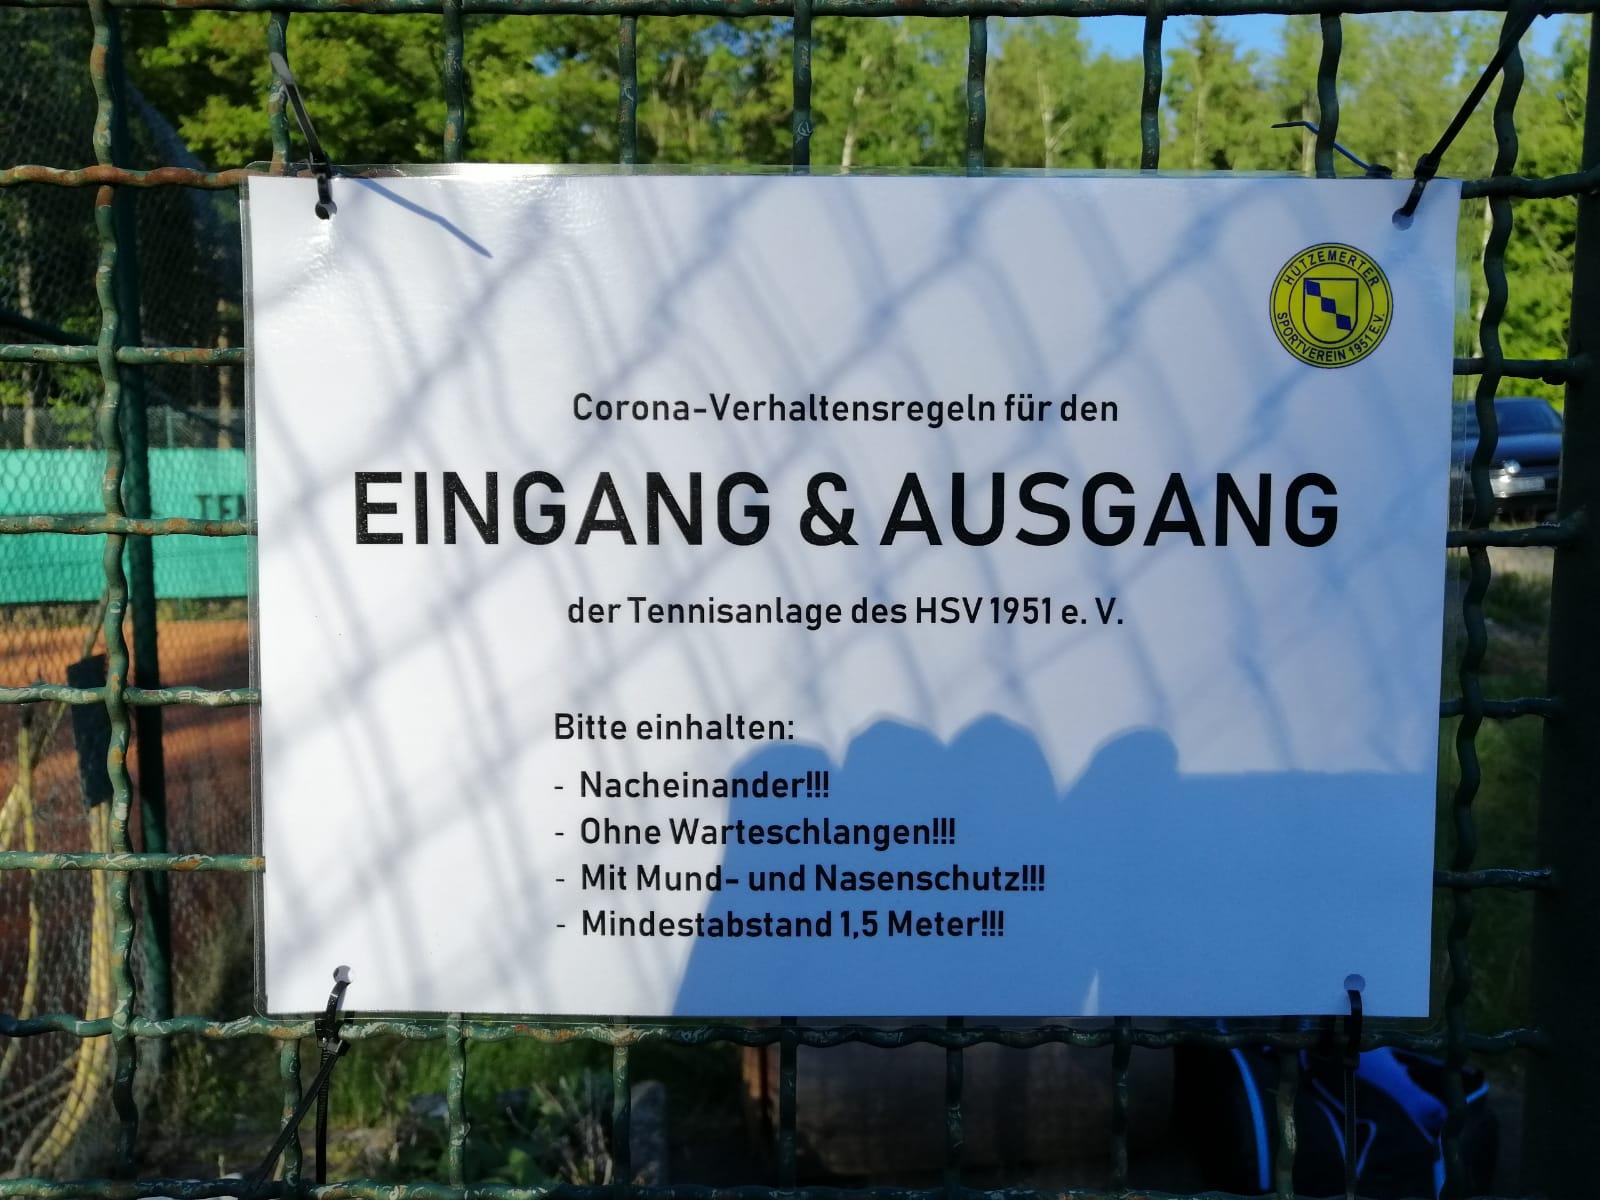 Tennis-Trainingsbetrieb wieder freigegeben